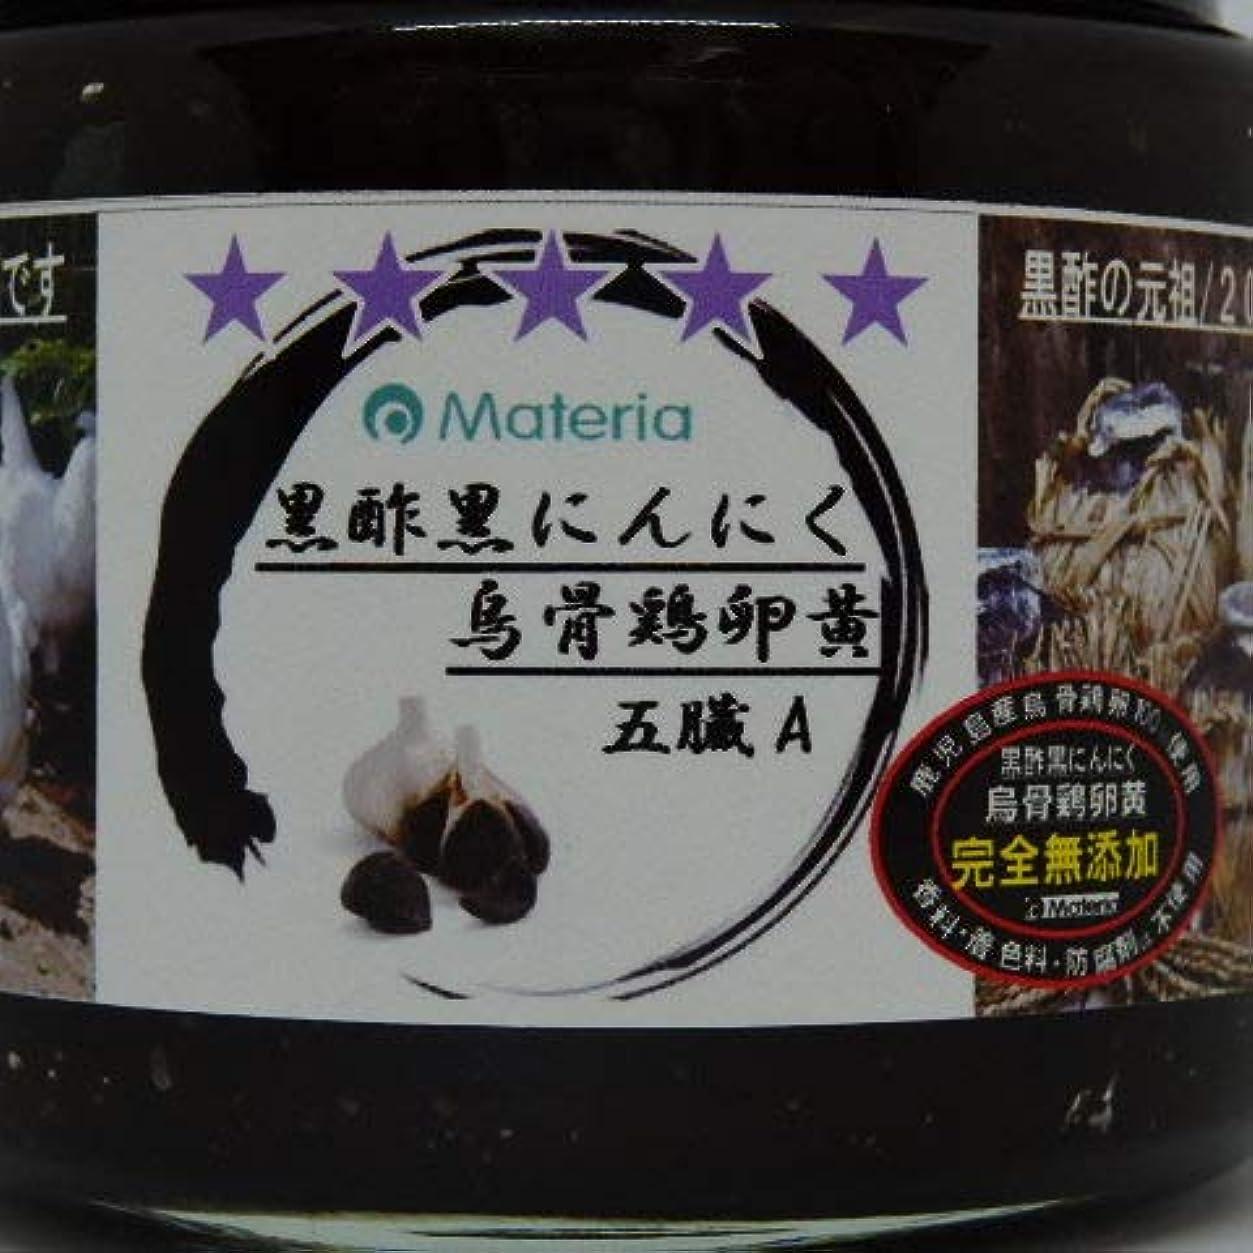 学習者パッド終了しました無添加健康食品/黒酢黒にんにく烏骨鶏卵黄/五臓系ペ-スト早溶150g(1月分)¥11,600